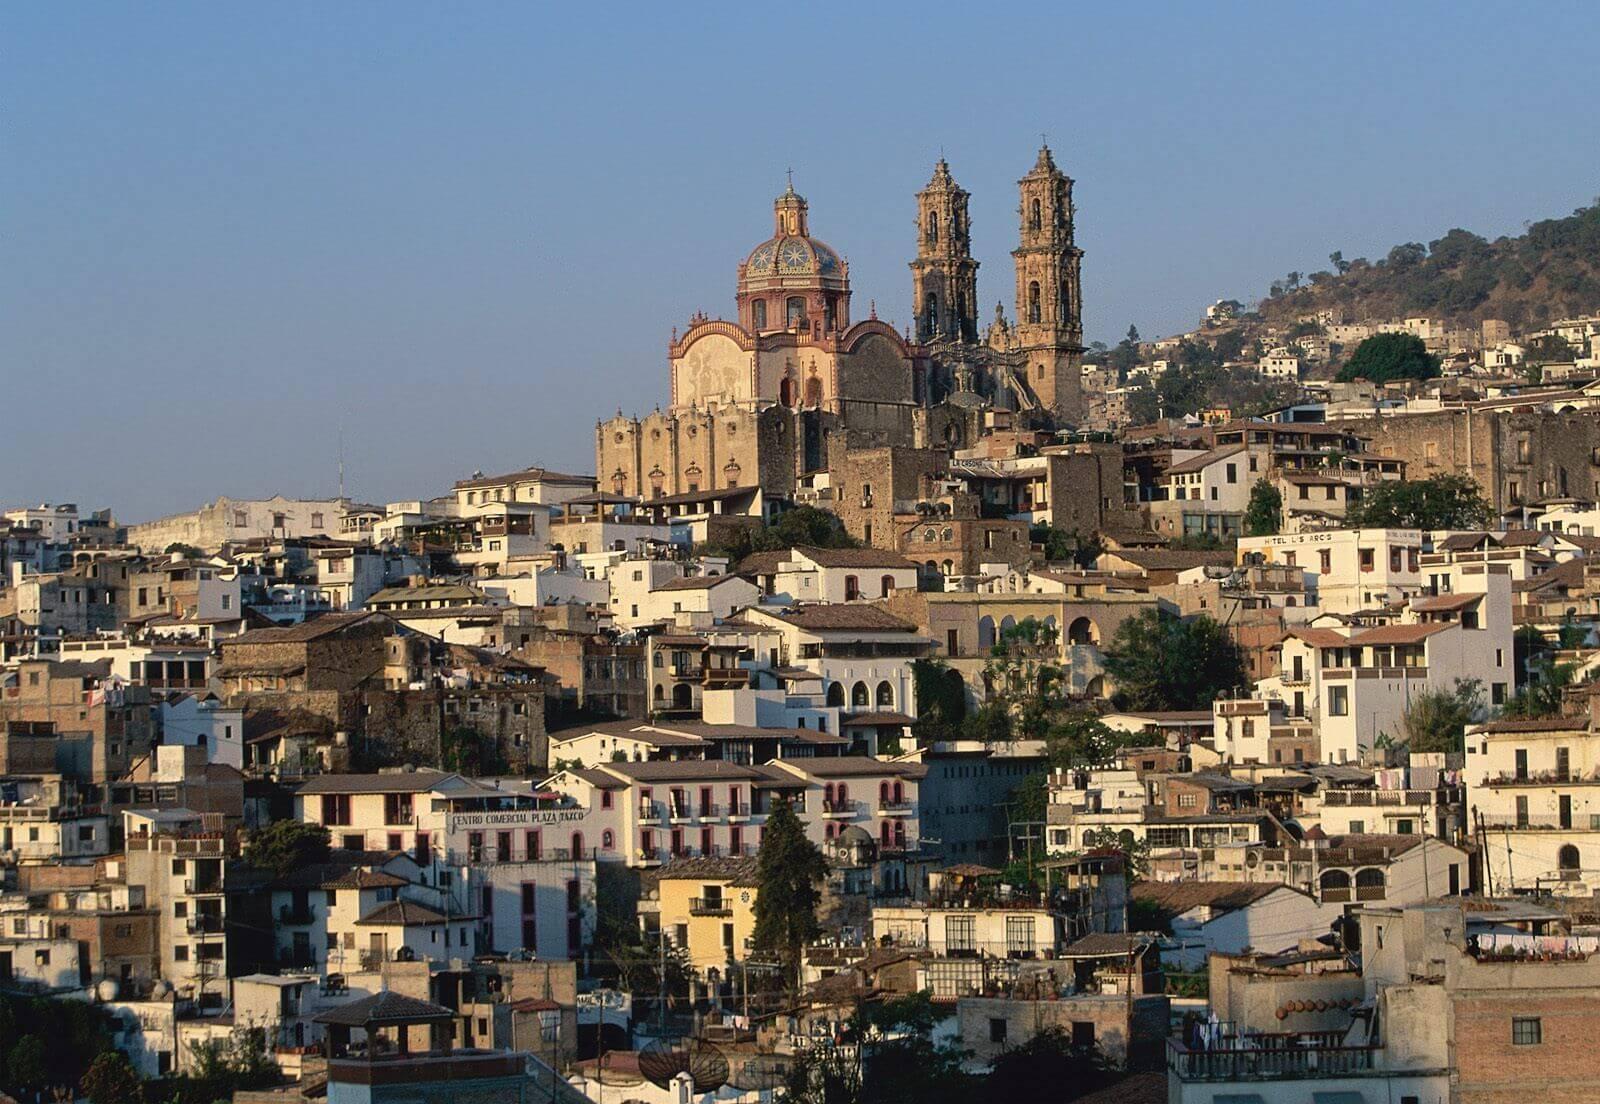 Découvrez la ville de Taxco dans le centre du Mexique à l'ouest de Cuernavaca